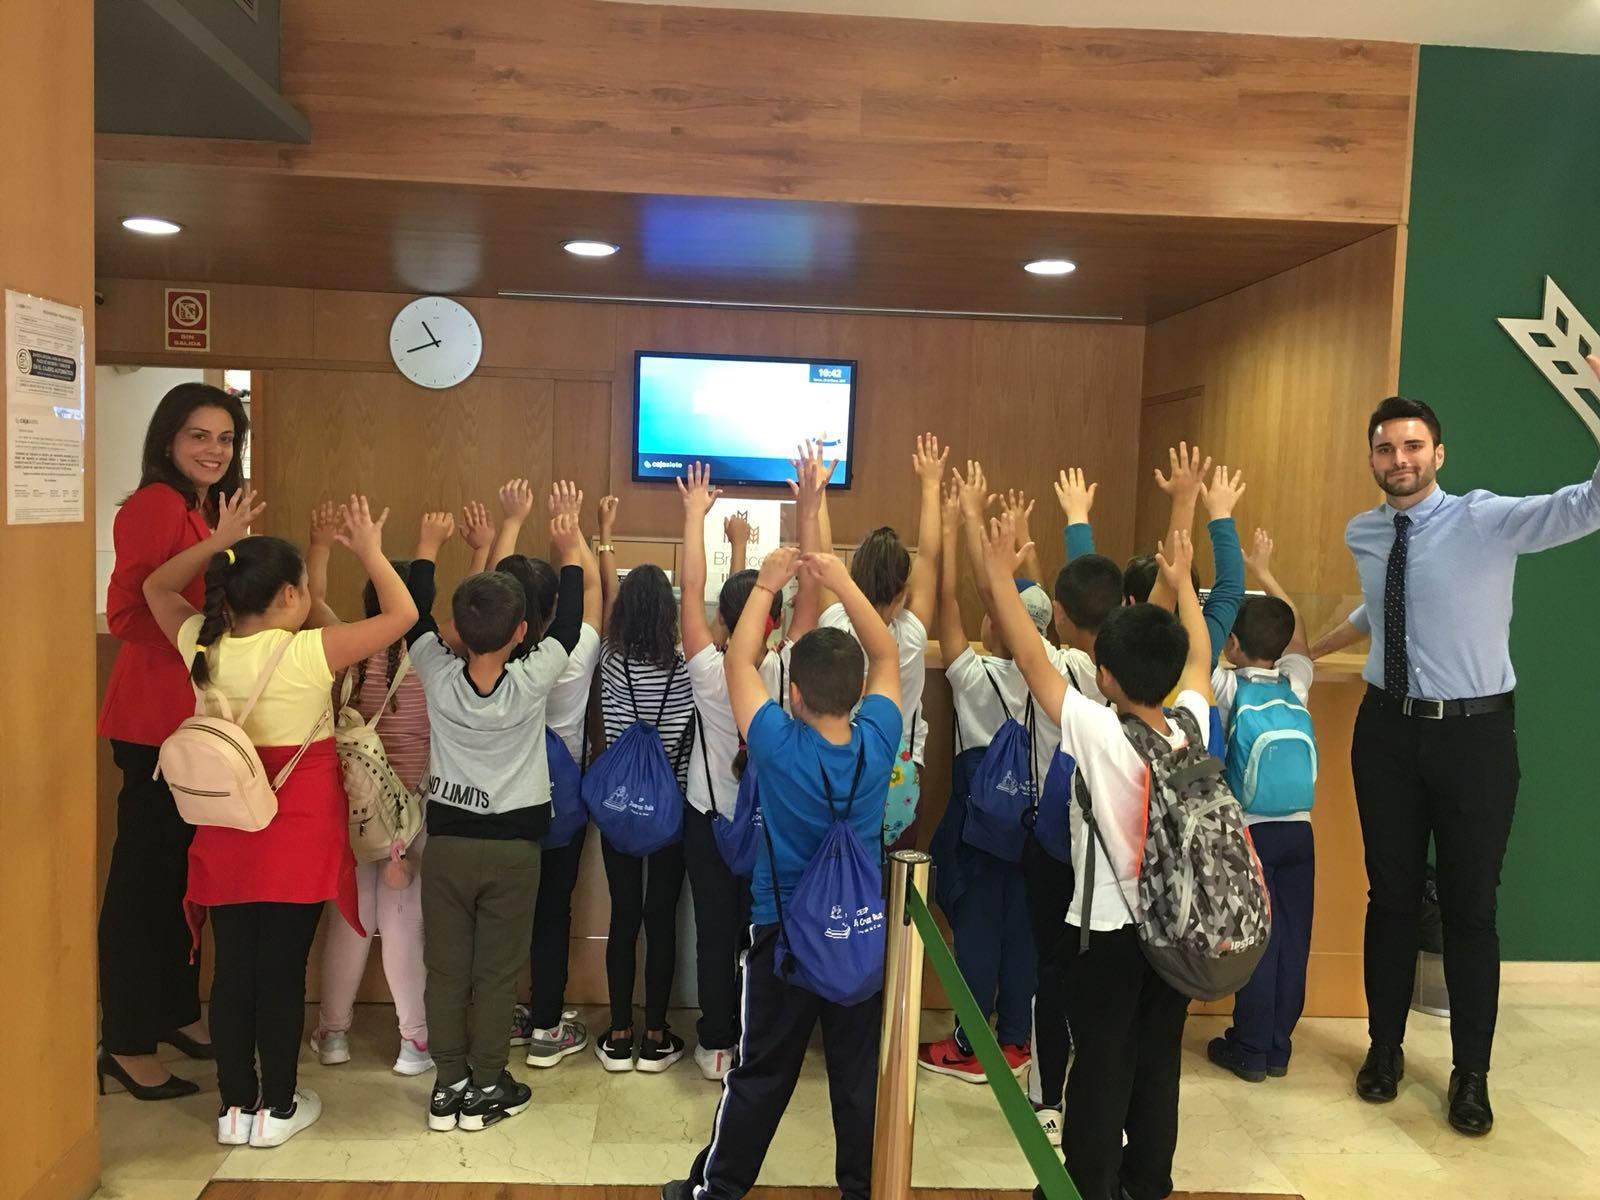 M s de 180 personas participaron en visita cajasiete for Oficinas cajasiete